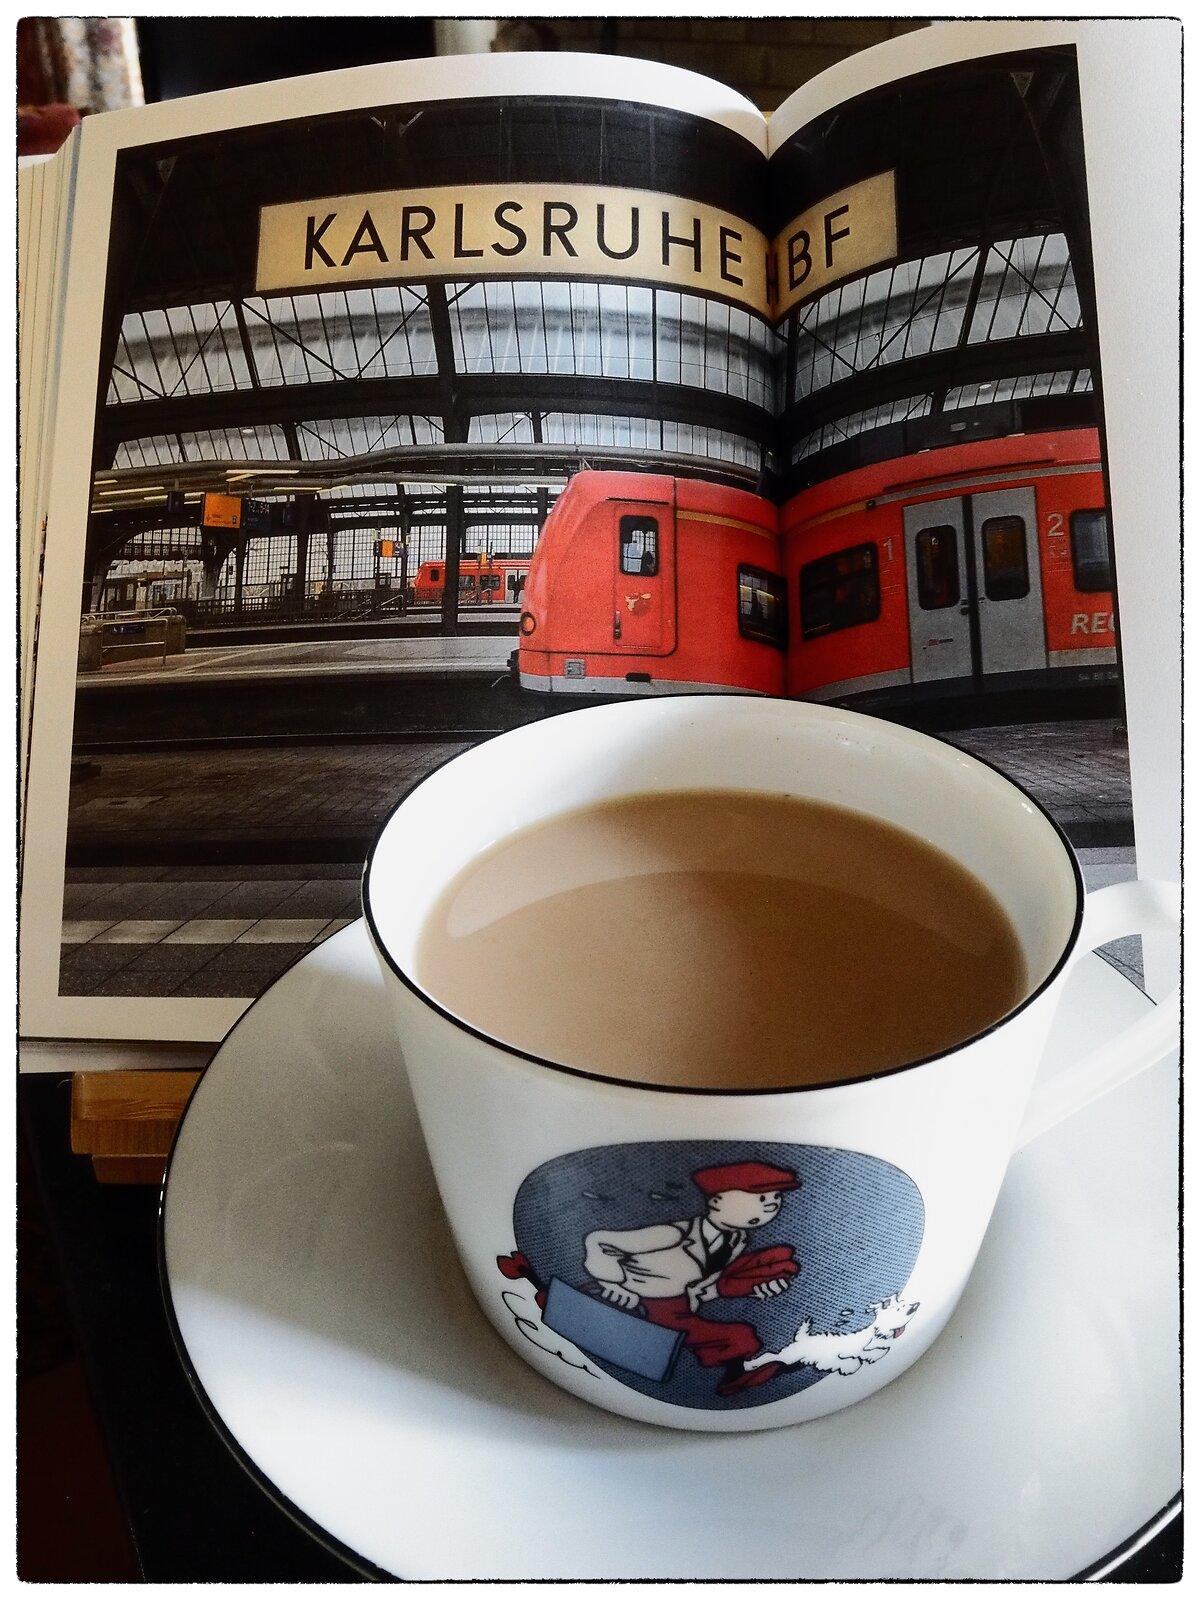 PenF_Jan25_Tintin@Karlsruhe.jpg